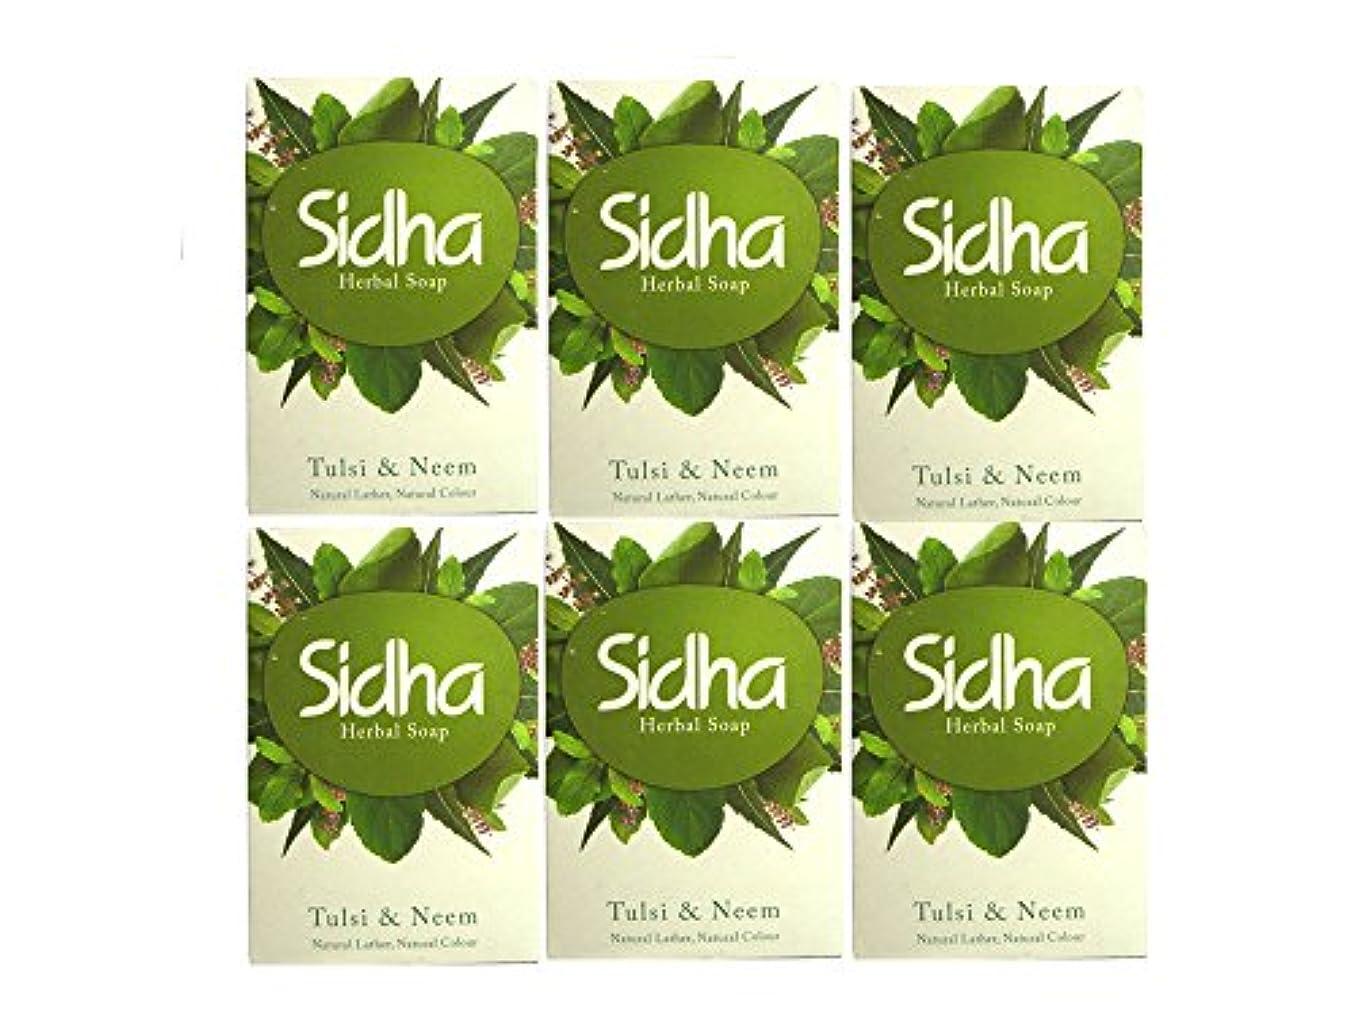 事顧問一掃するSIHDH Herbal Soap Tulsi & Neem シダー ハ-バル ソープ 75g 6個セット